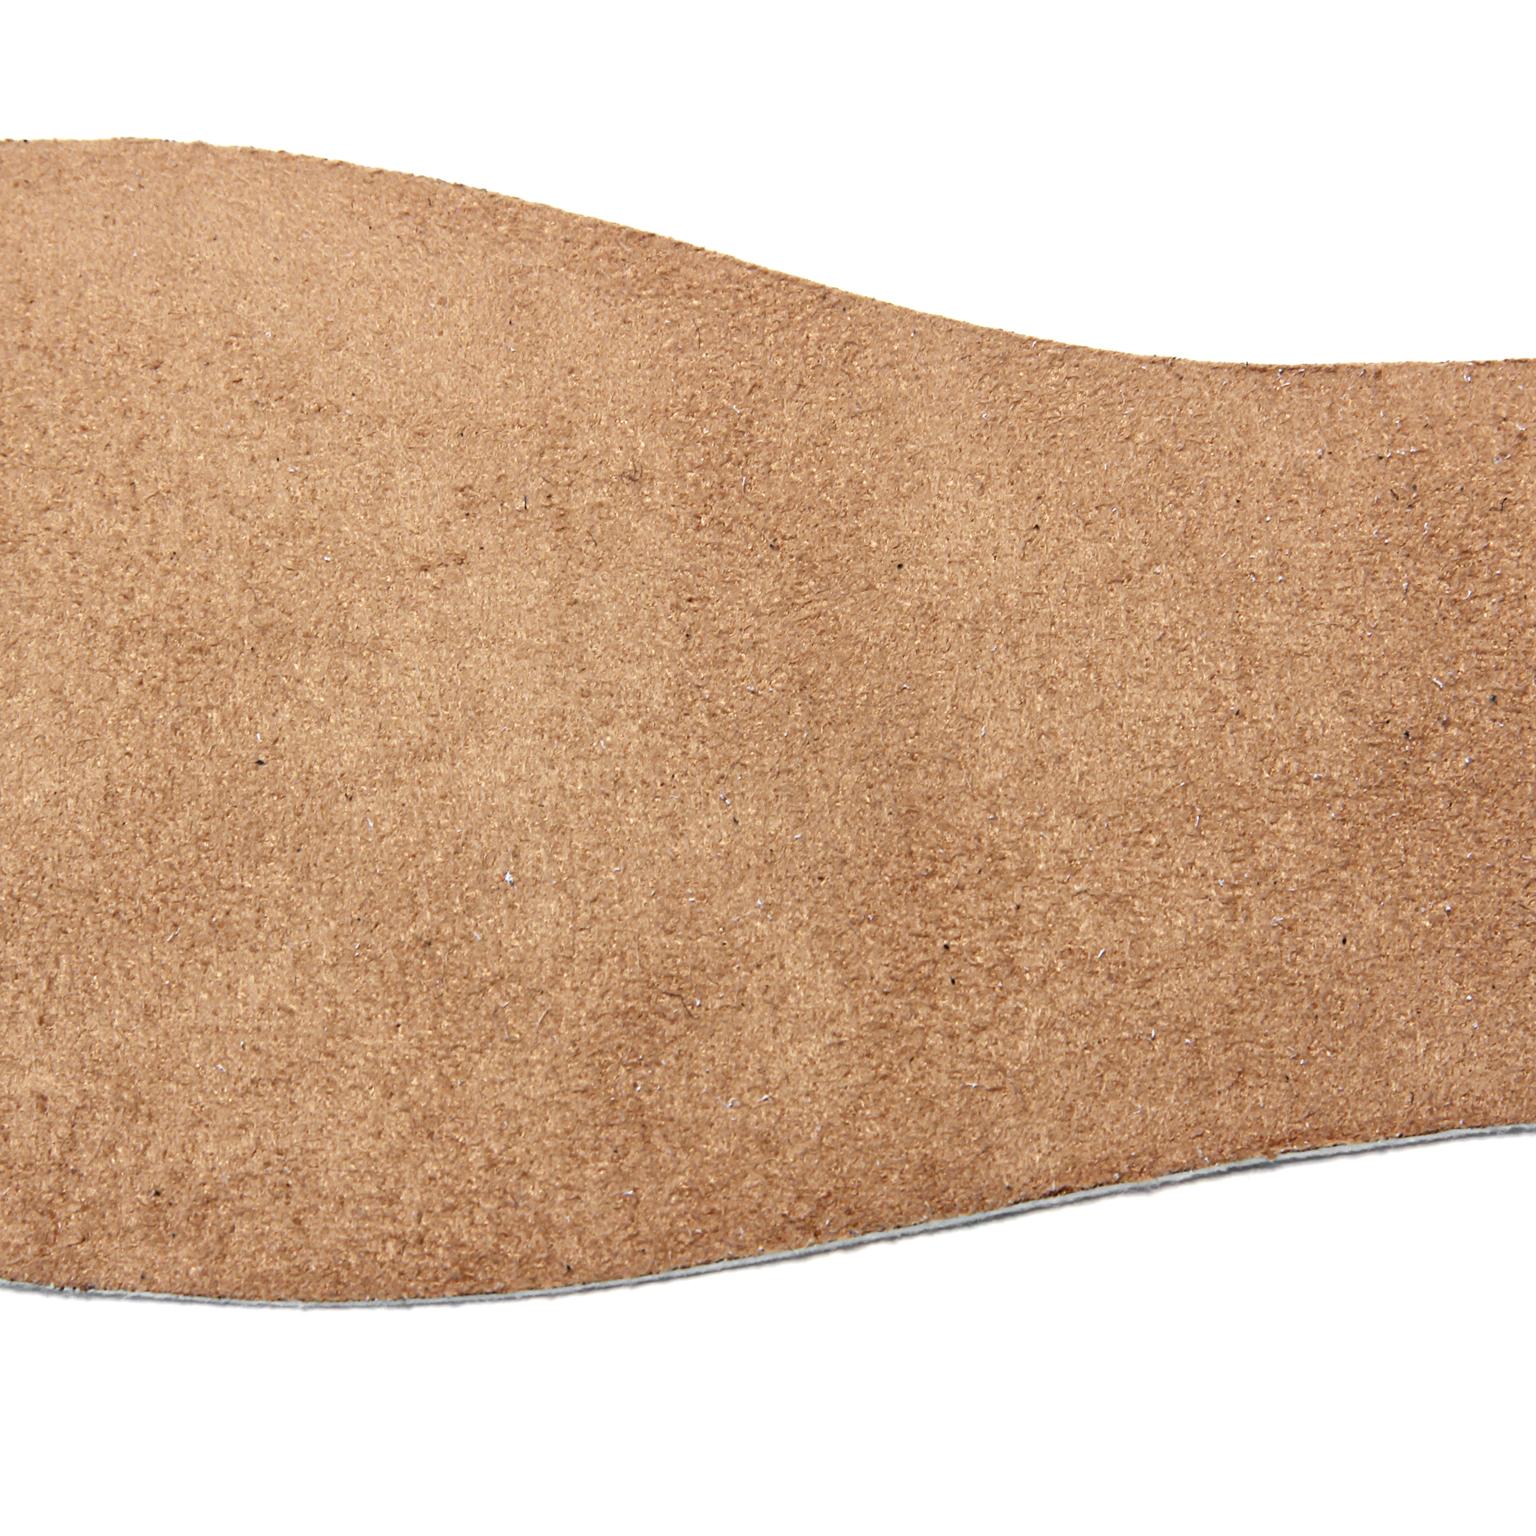 Drysole (сухая стелька) больших размеров марки Делфино